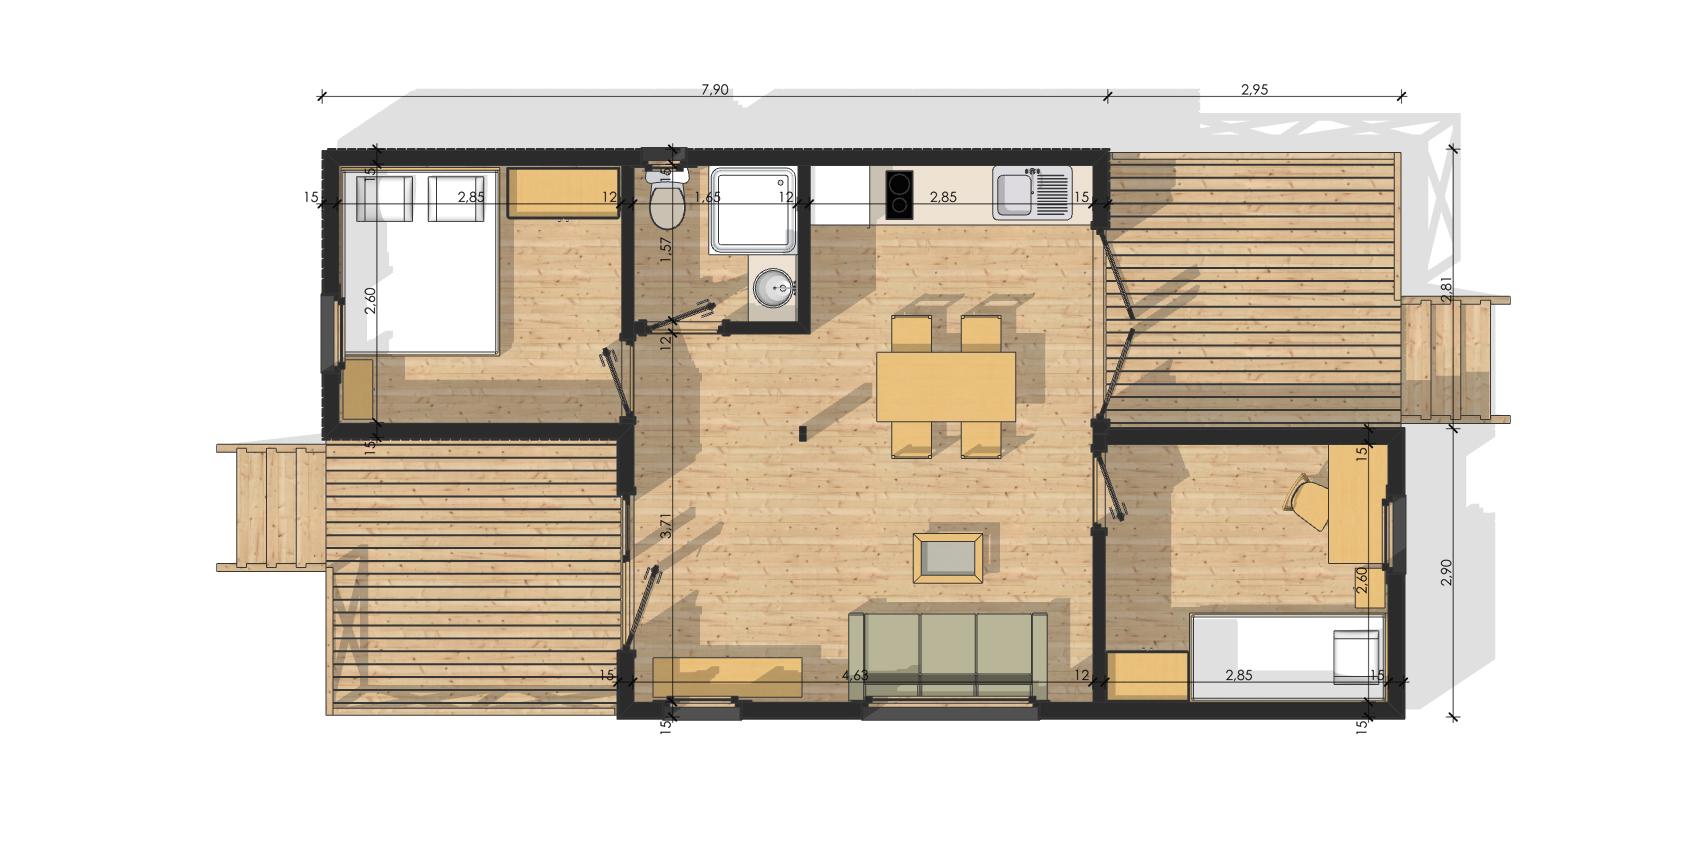 Modulob 40a habitat modulaires en bois de 40 m avec terrasses Plan chalet bois